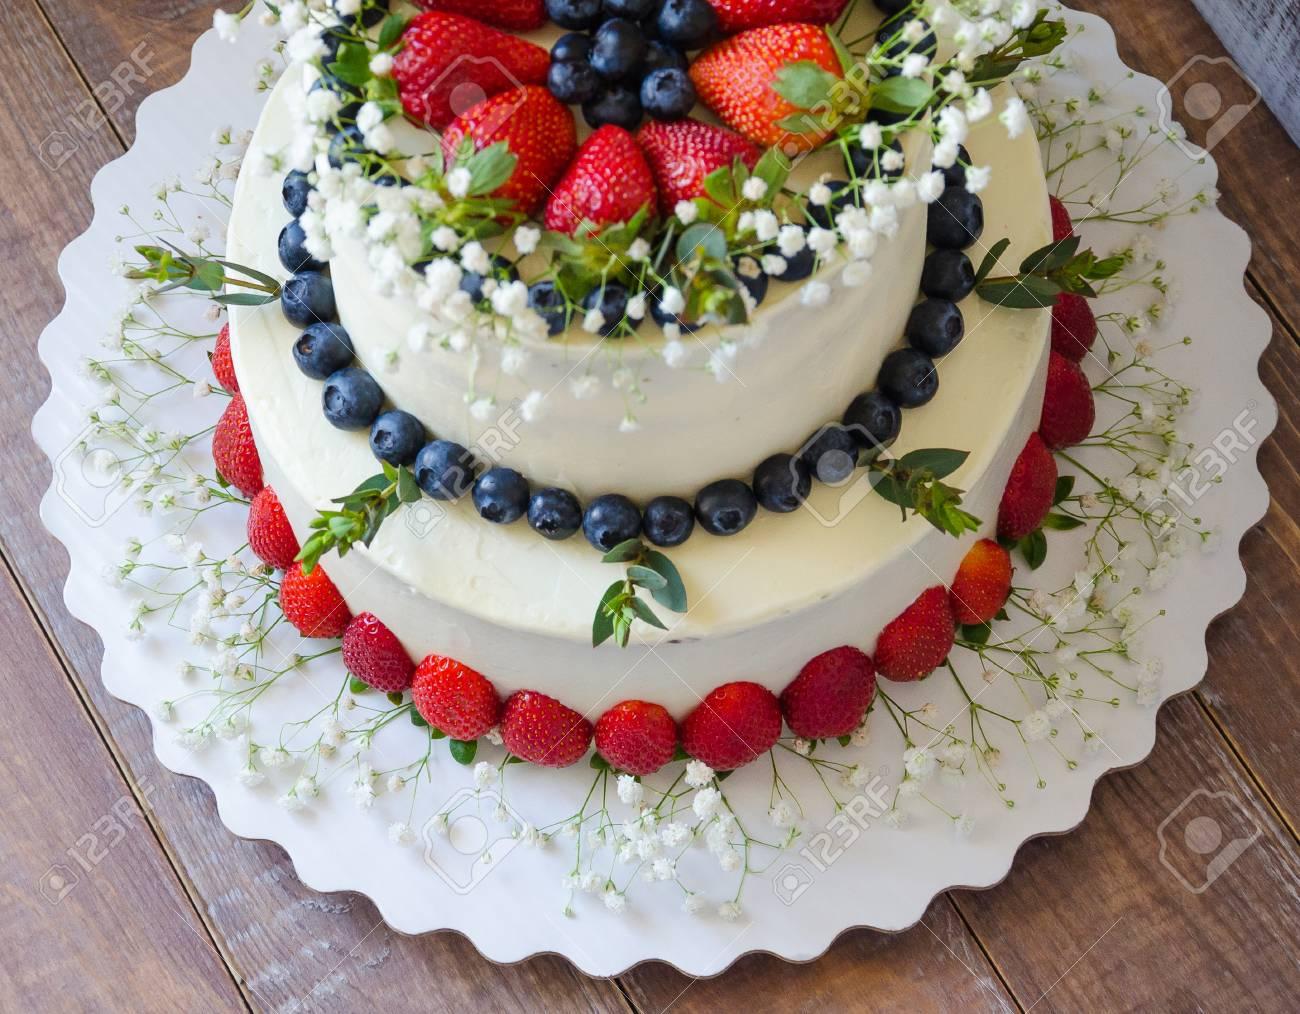 Zwei Tier Frischkase Hochzeitstorte Mit Heidelbeeren Und Erdbeeren